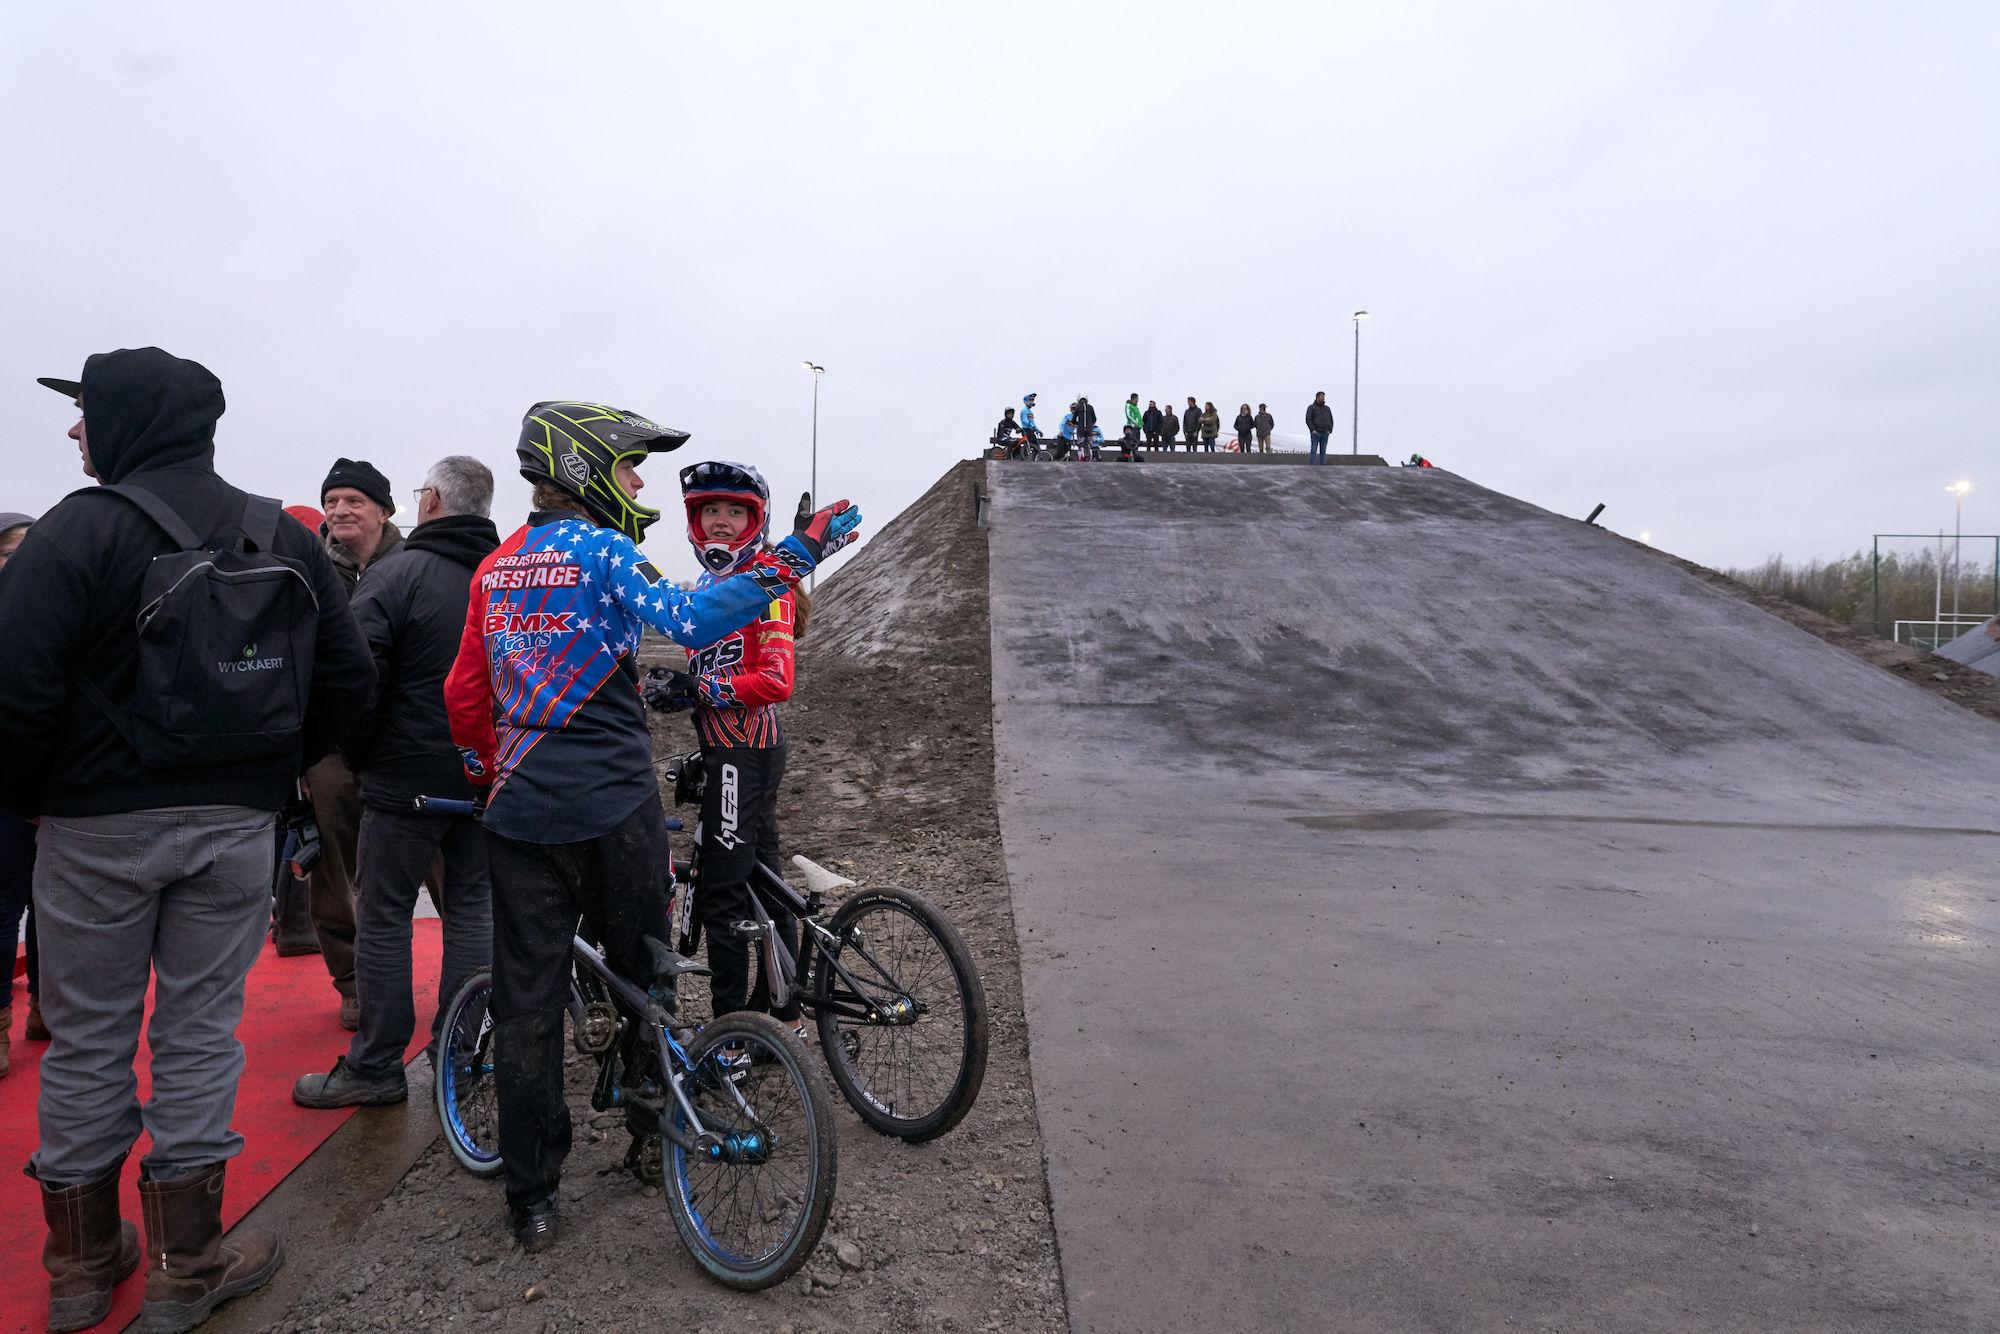 20181128_Puyenbroeck_officiele opening BMX parcour (59).jpg